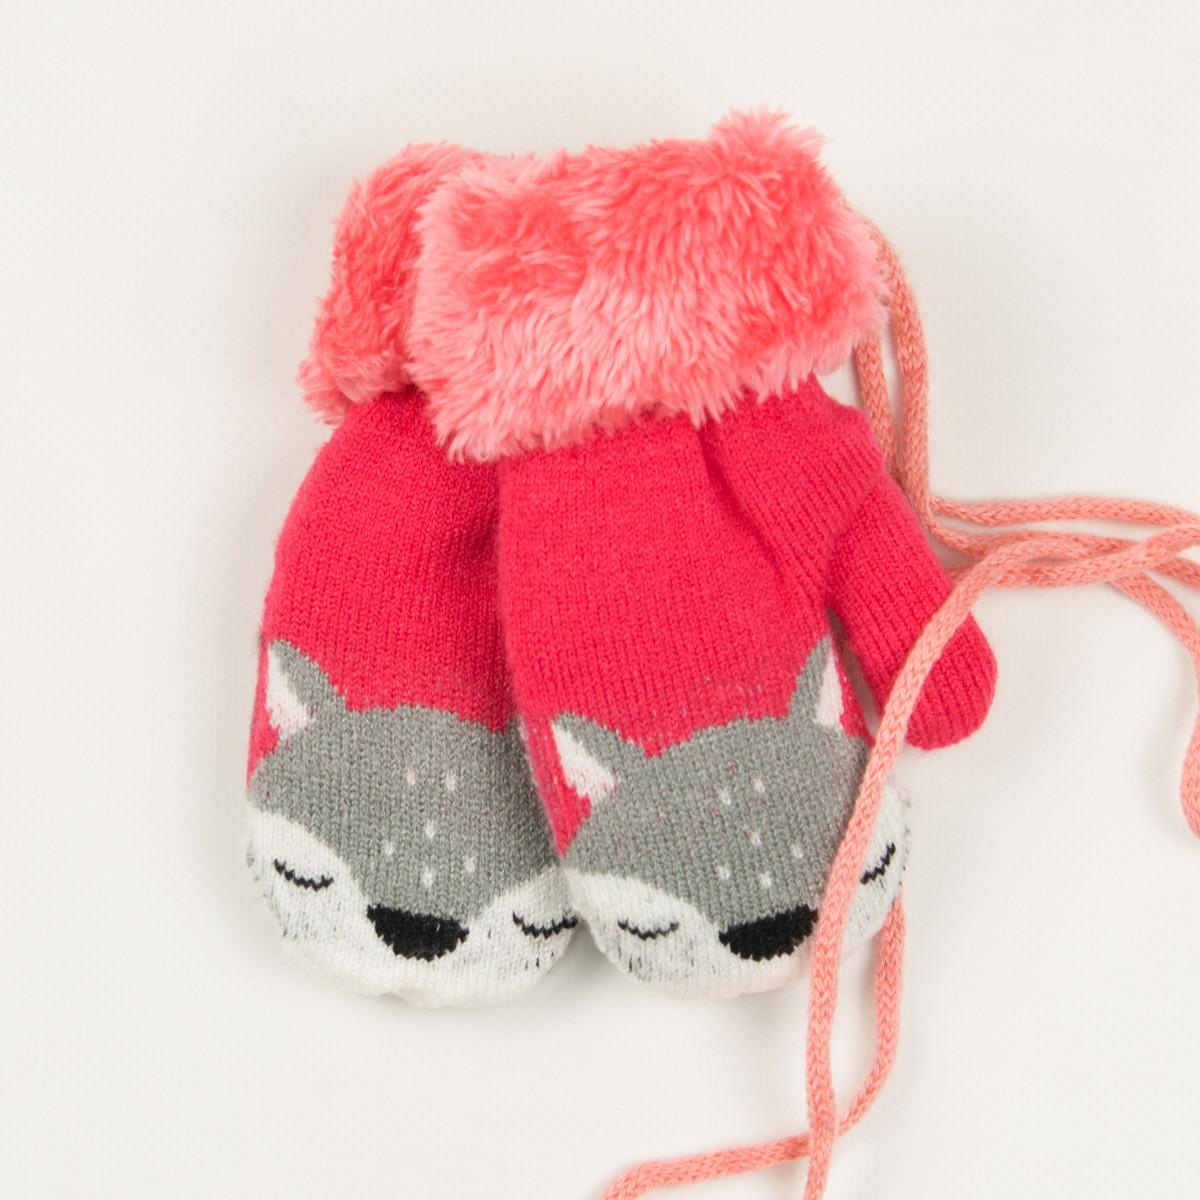 Детские теплые варежки с меховой подкладкой на 2-3 года - 19-7-59 - Коралловый